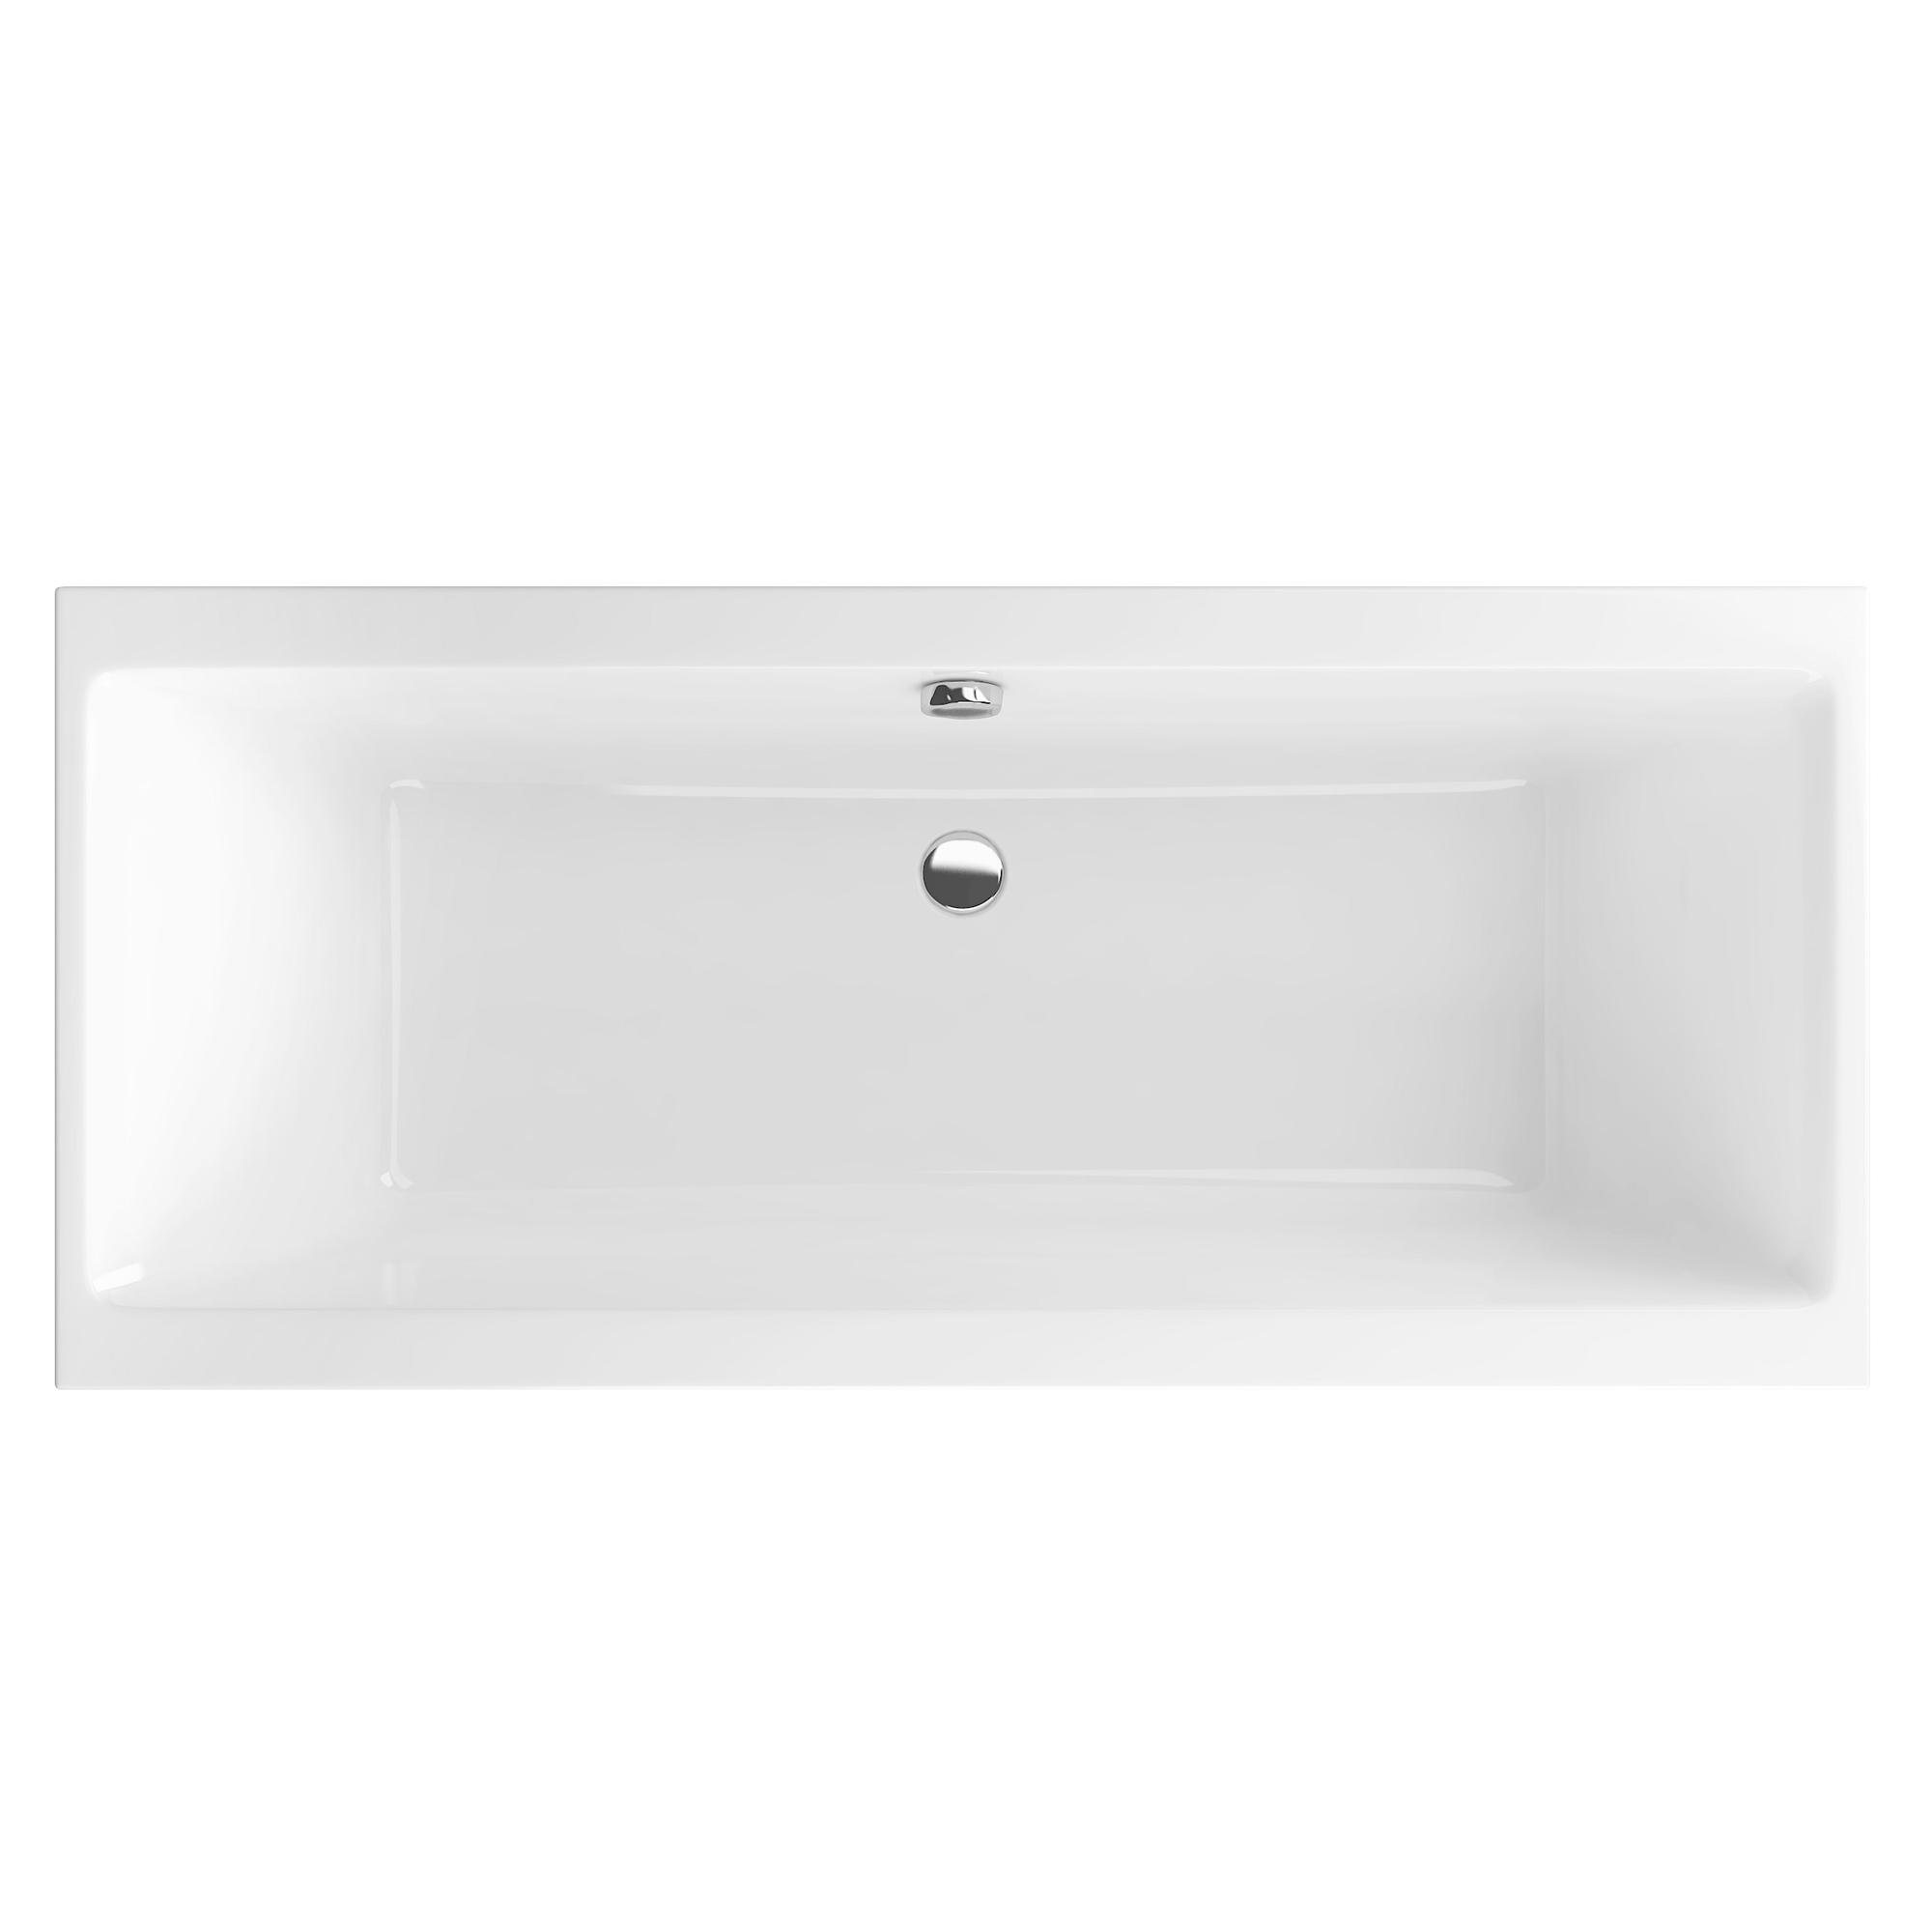 Акриловая ванна Excellent Pryzmat Slim 160x75 без гидромассажа